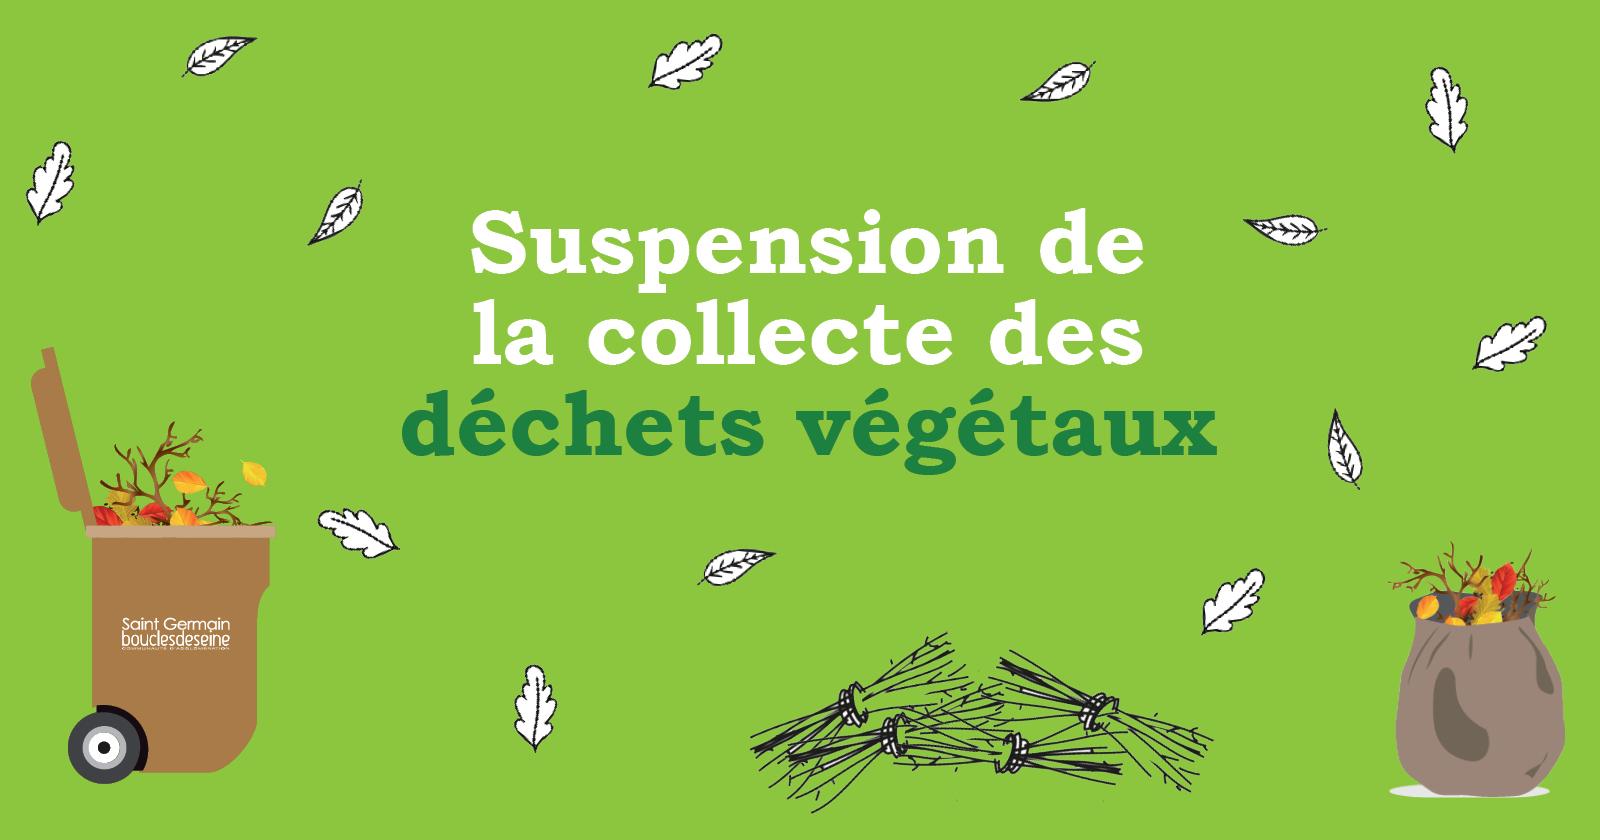 Suspension de la collecte des déchets végétaux pendant l'été !